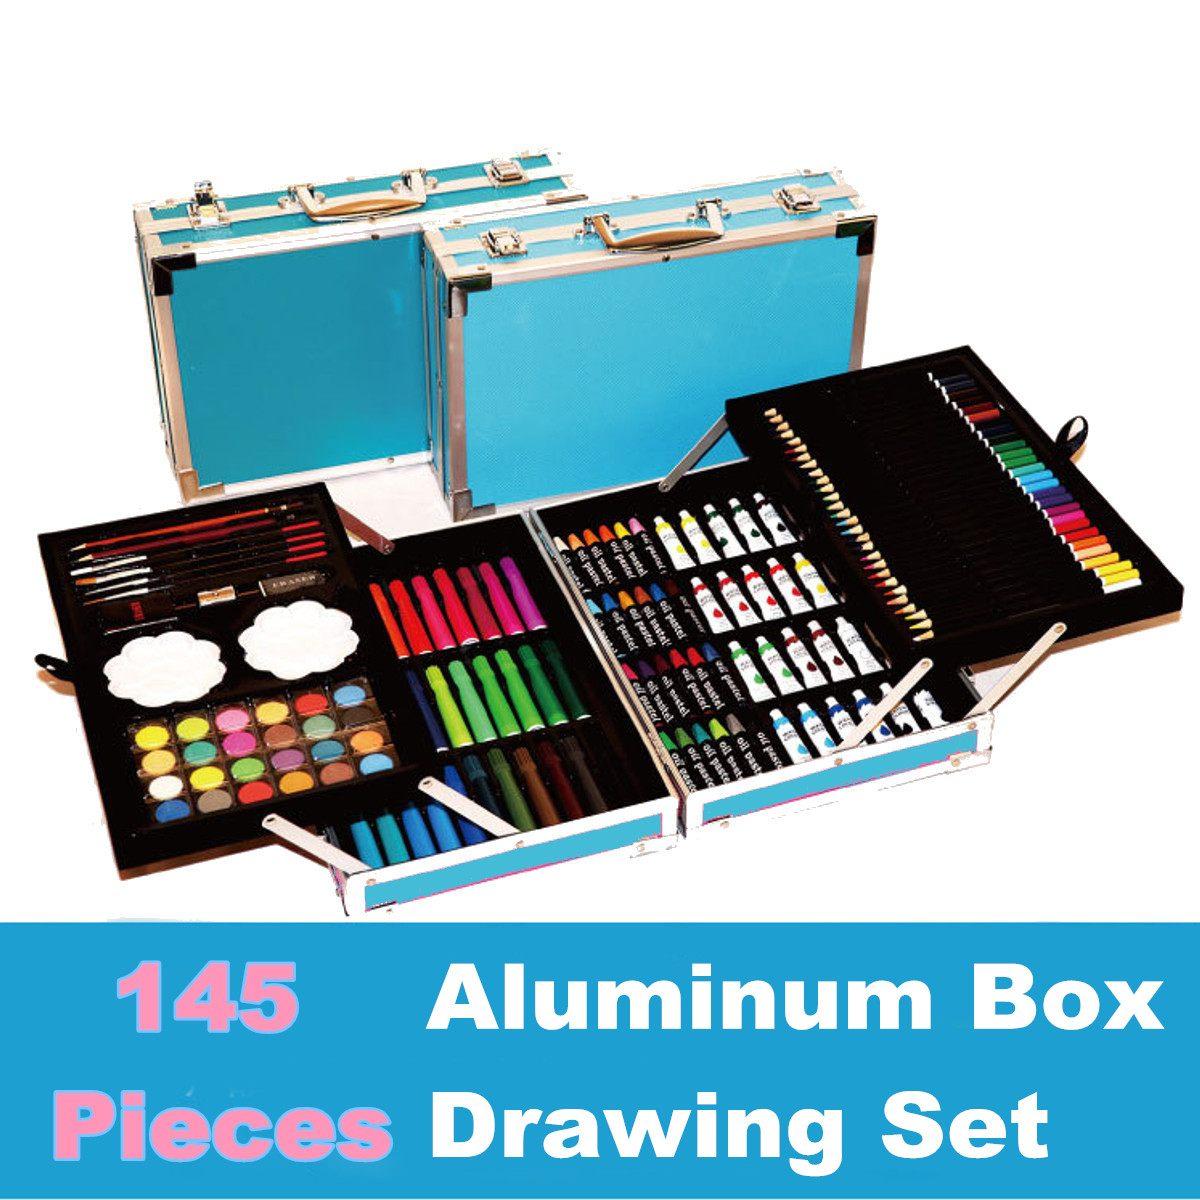 145 pièces Coloré Crayons Ensembles Couleur Art Professionnel Croquis ensemble pour dessiner Coloration stylo de peinture Brosse Artiste Kit avec Boîte En Bois Cadeau